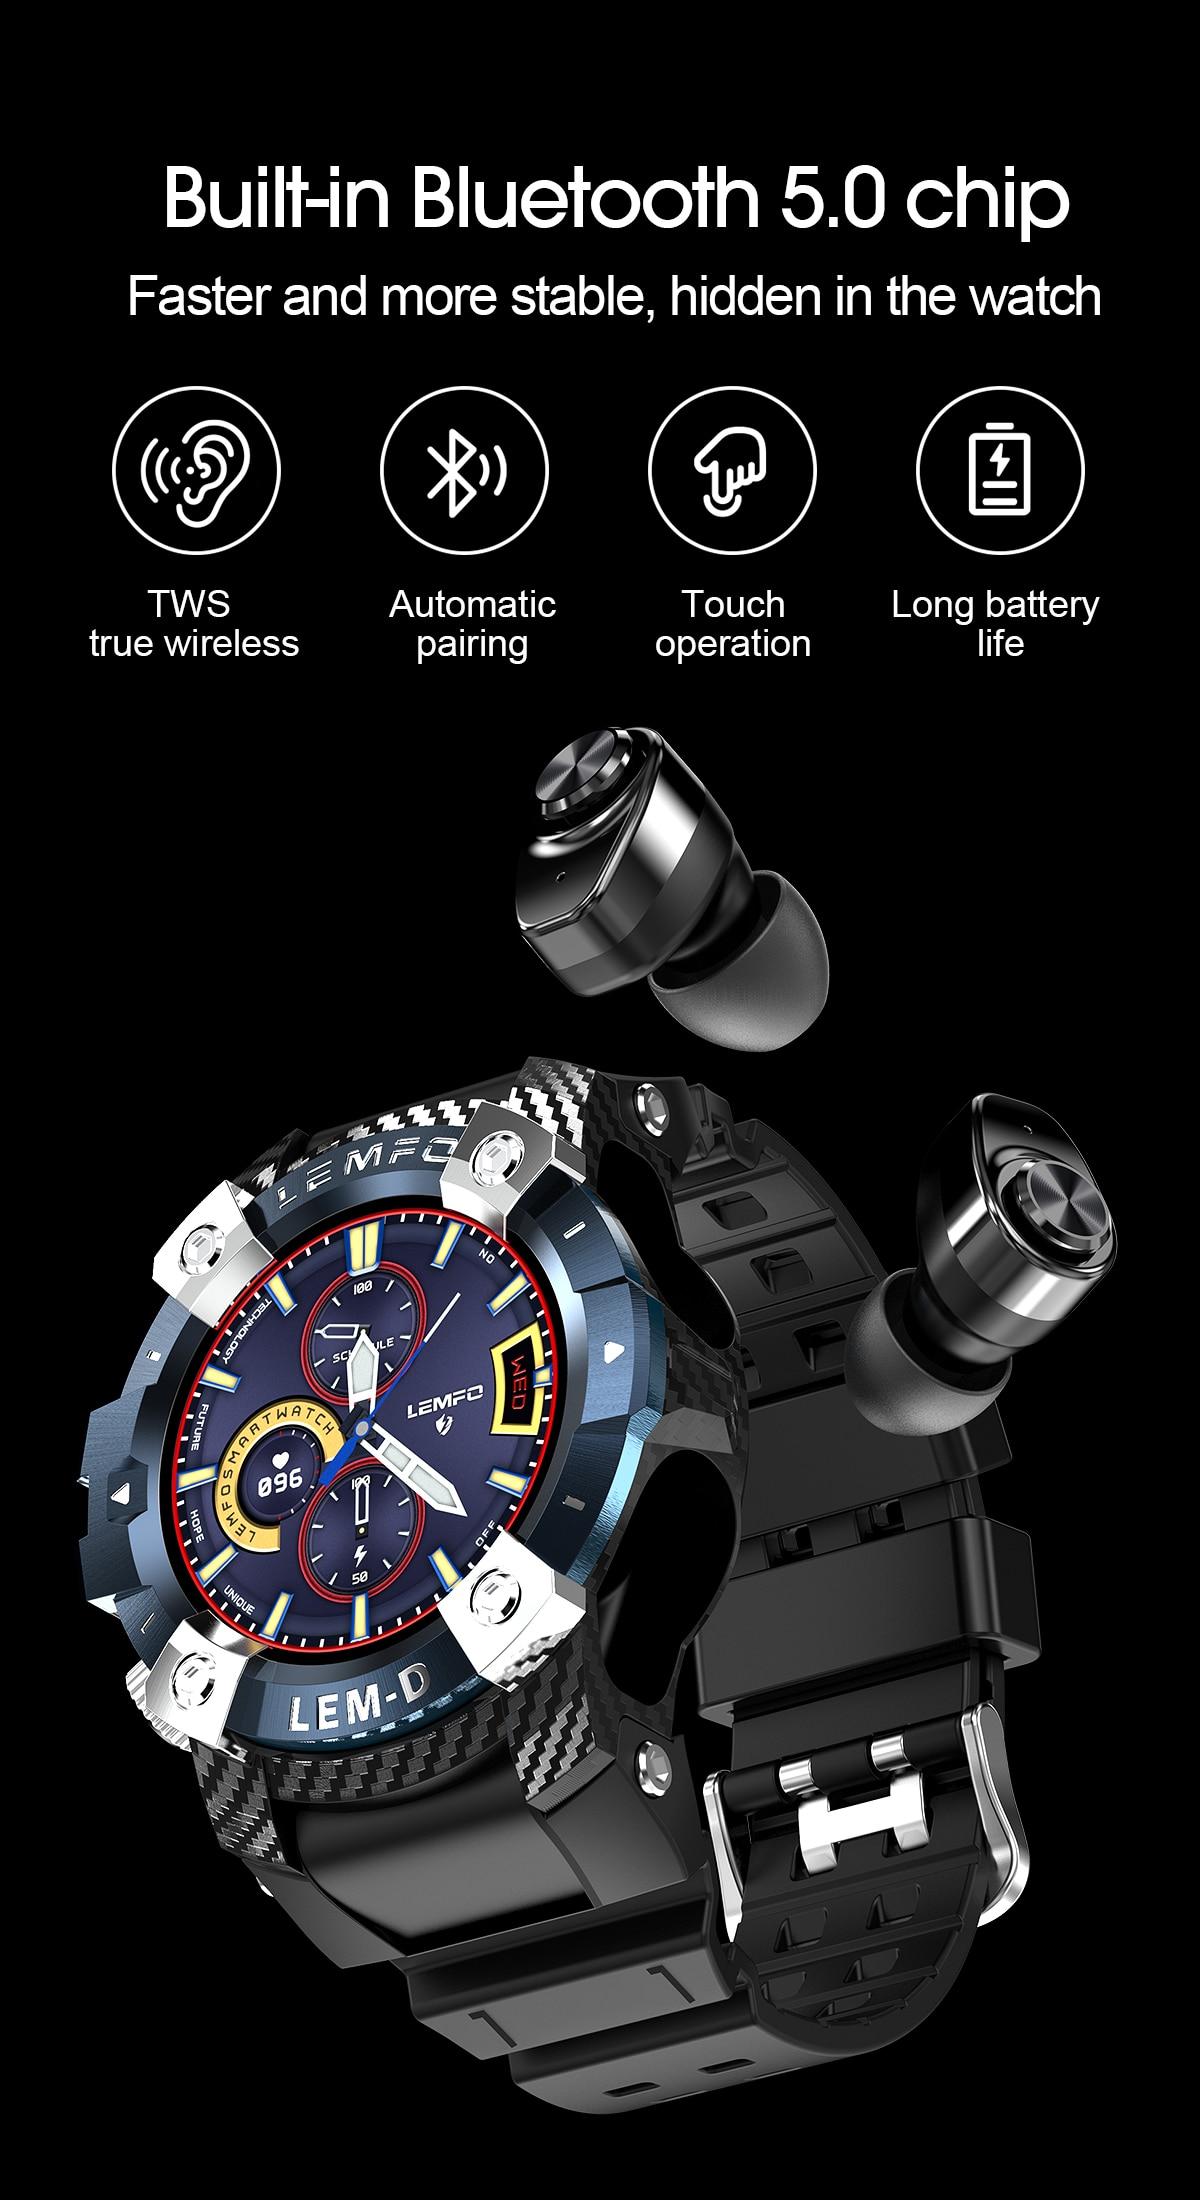 H7bc6850b3c594c19bf1d41fd82cf3190h LEMFO LEMD Smart Watch Wireless Bluetooth 5.0 Earphone 2 In 1